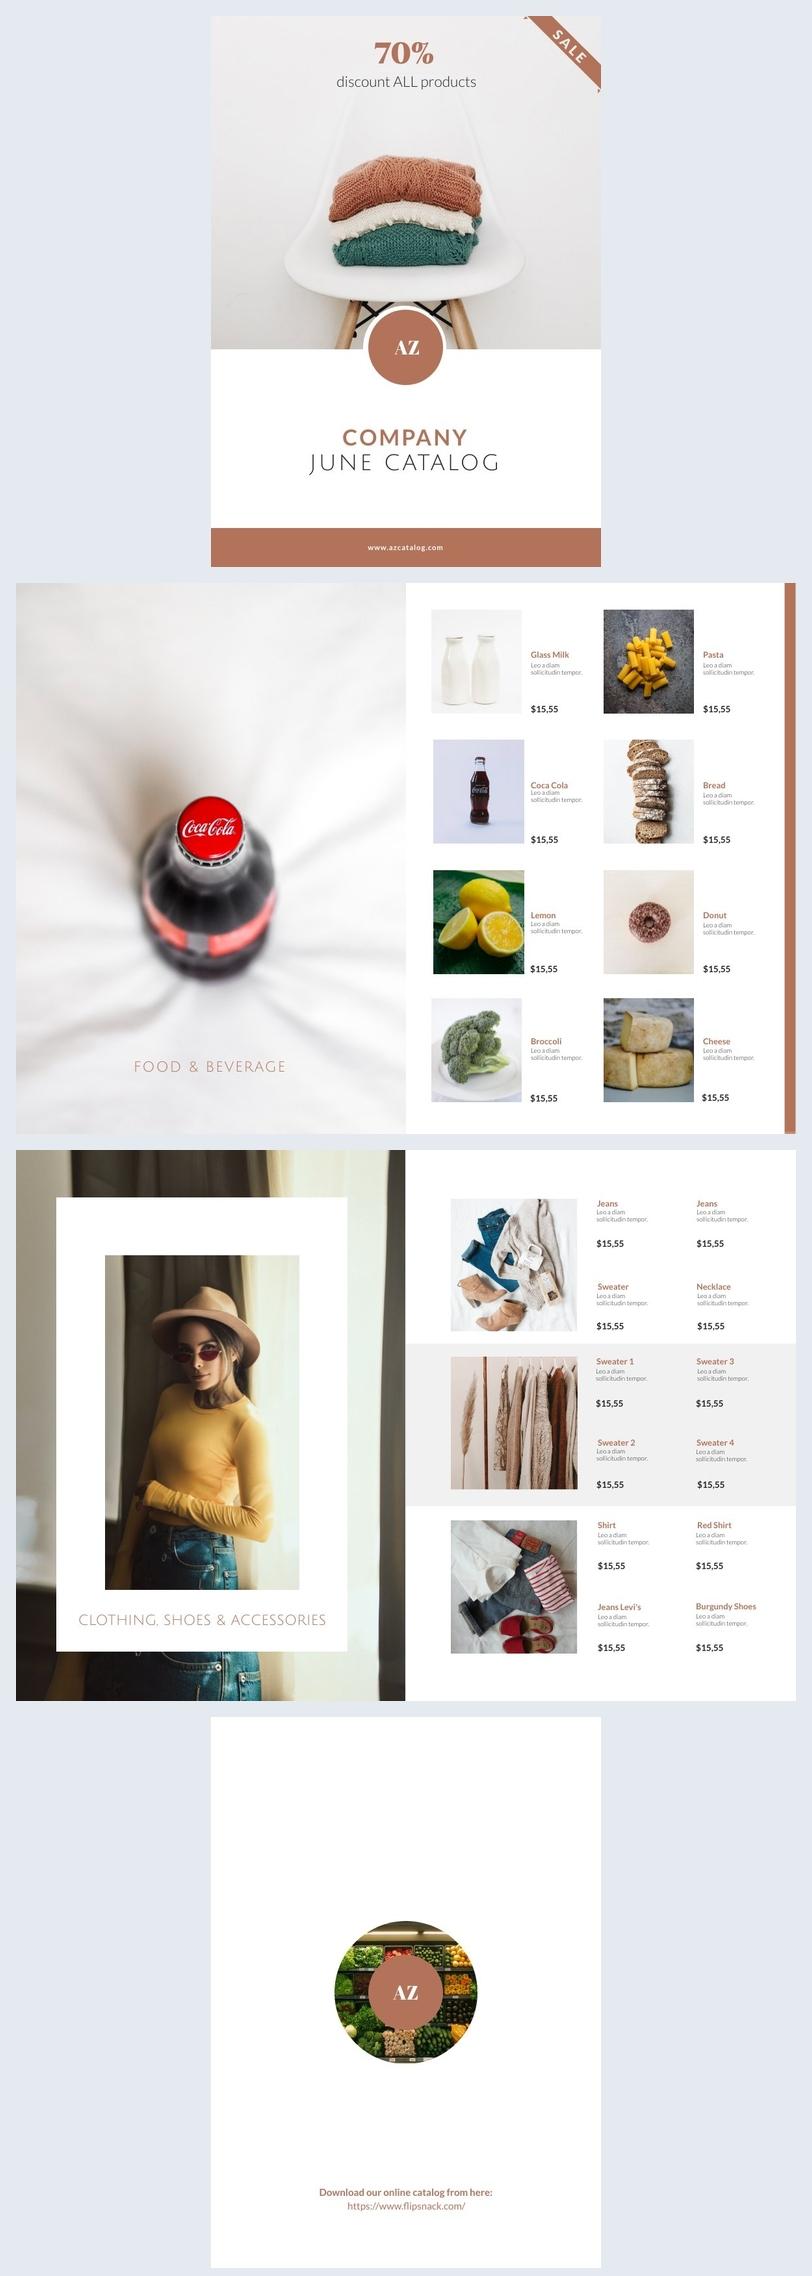 Exemplo de Catálogo de Empresa Personalizável